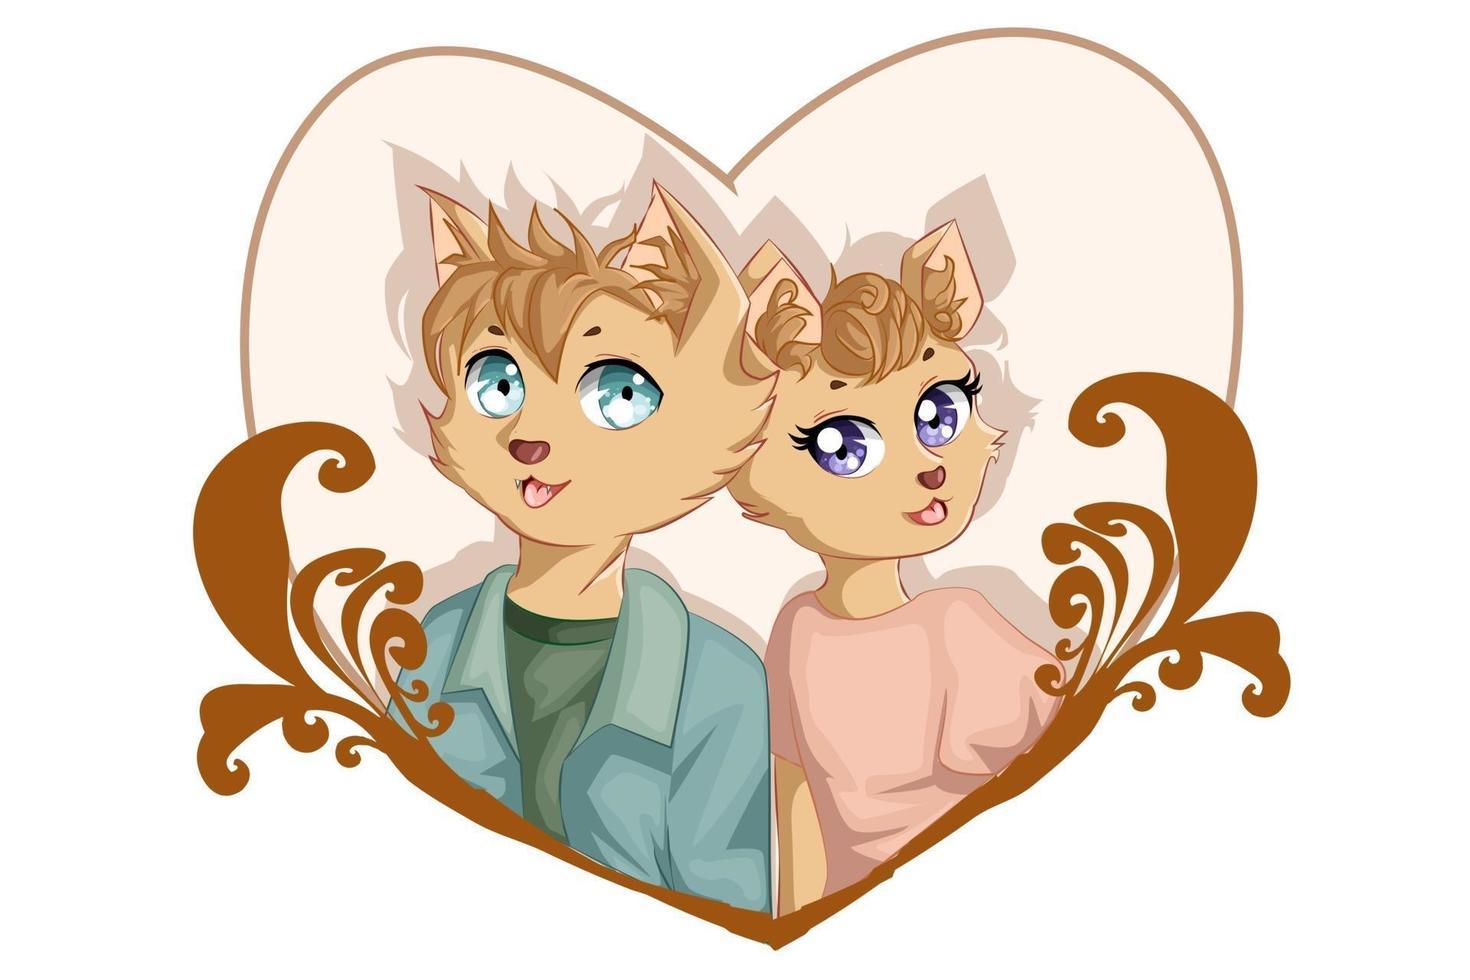 illustrazione di un ragazzo e una ragazza marrone gatto fratelli personaggi animali vettore